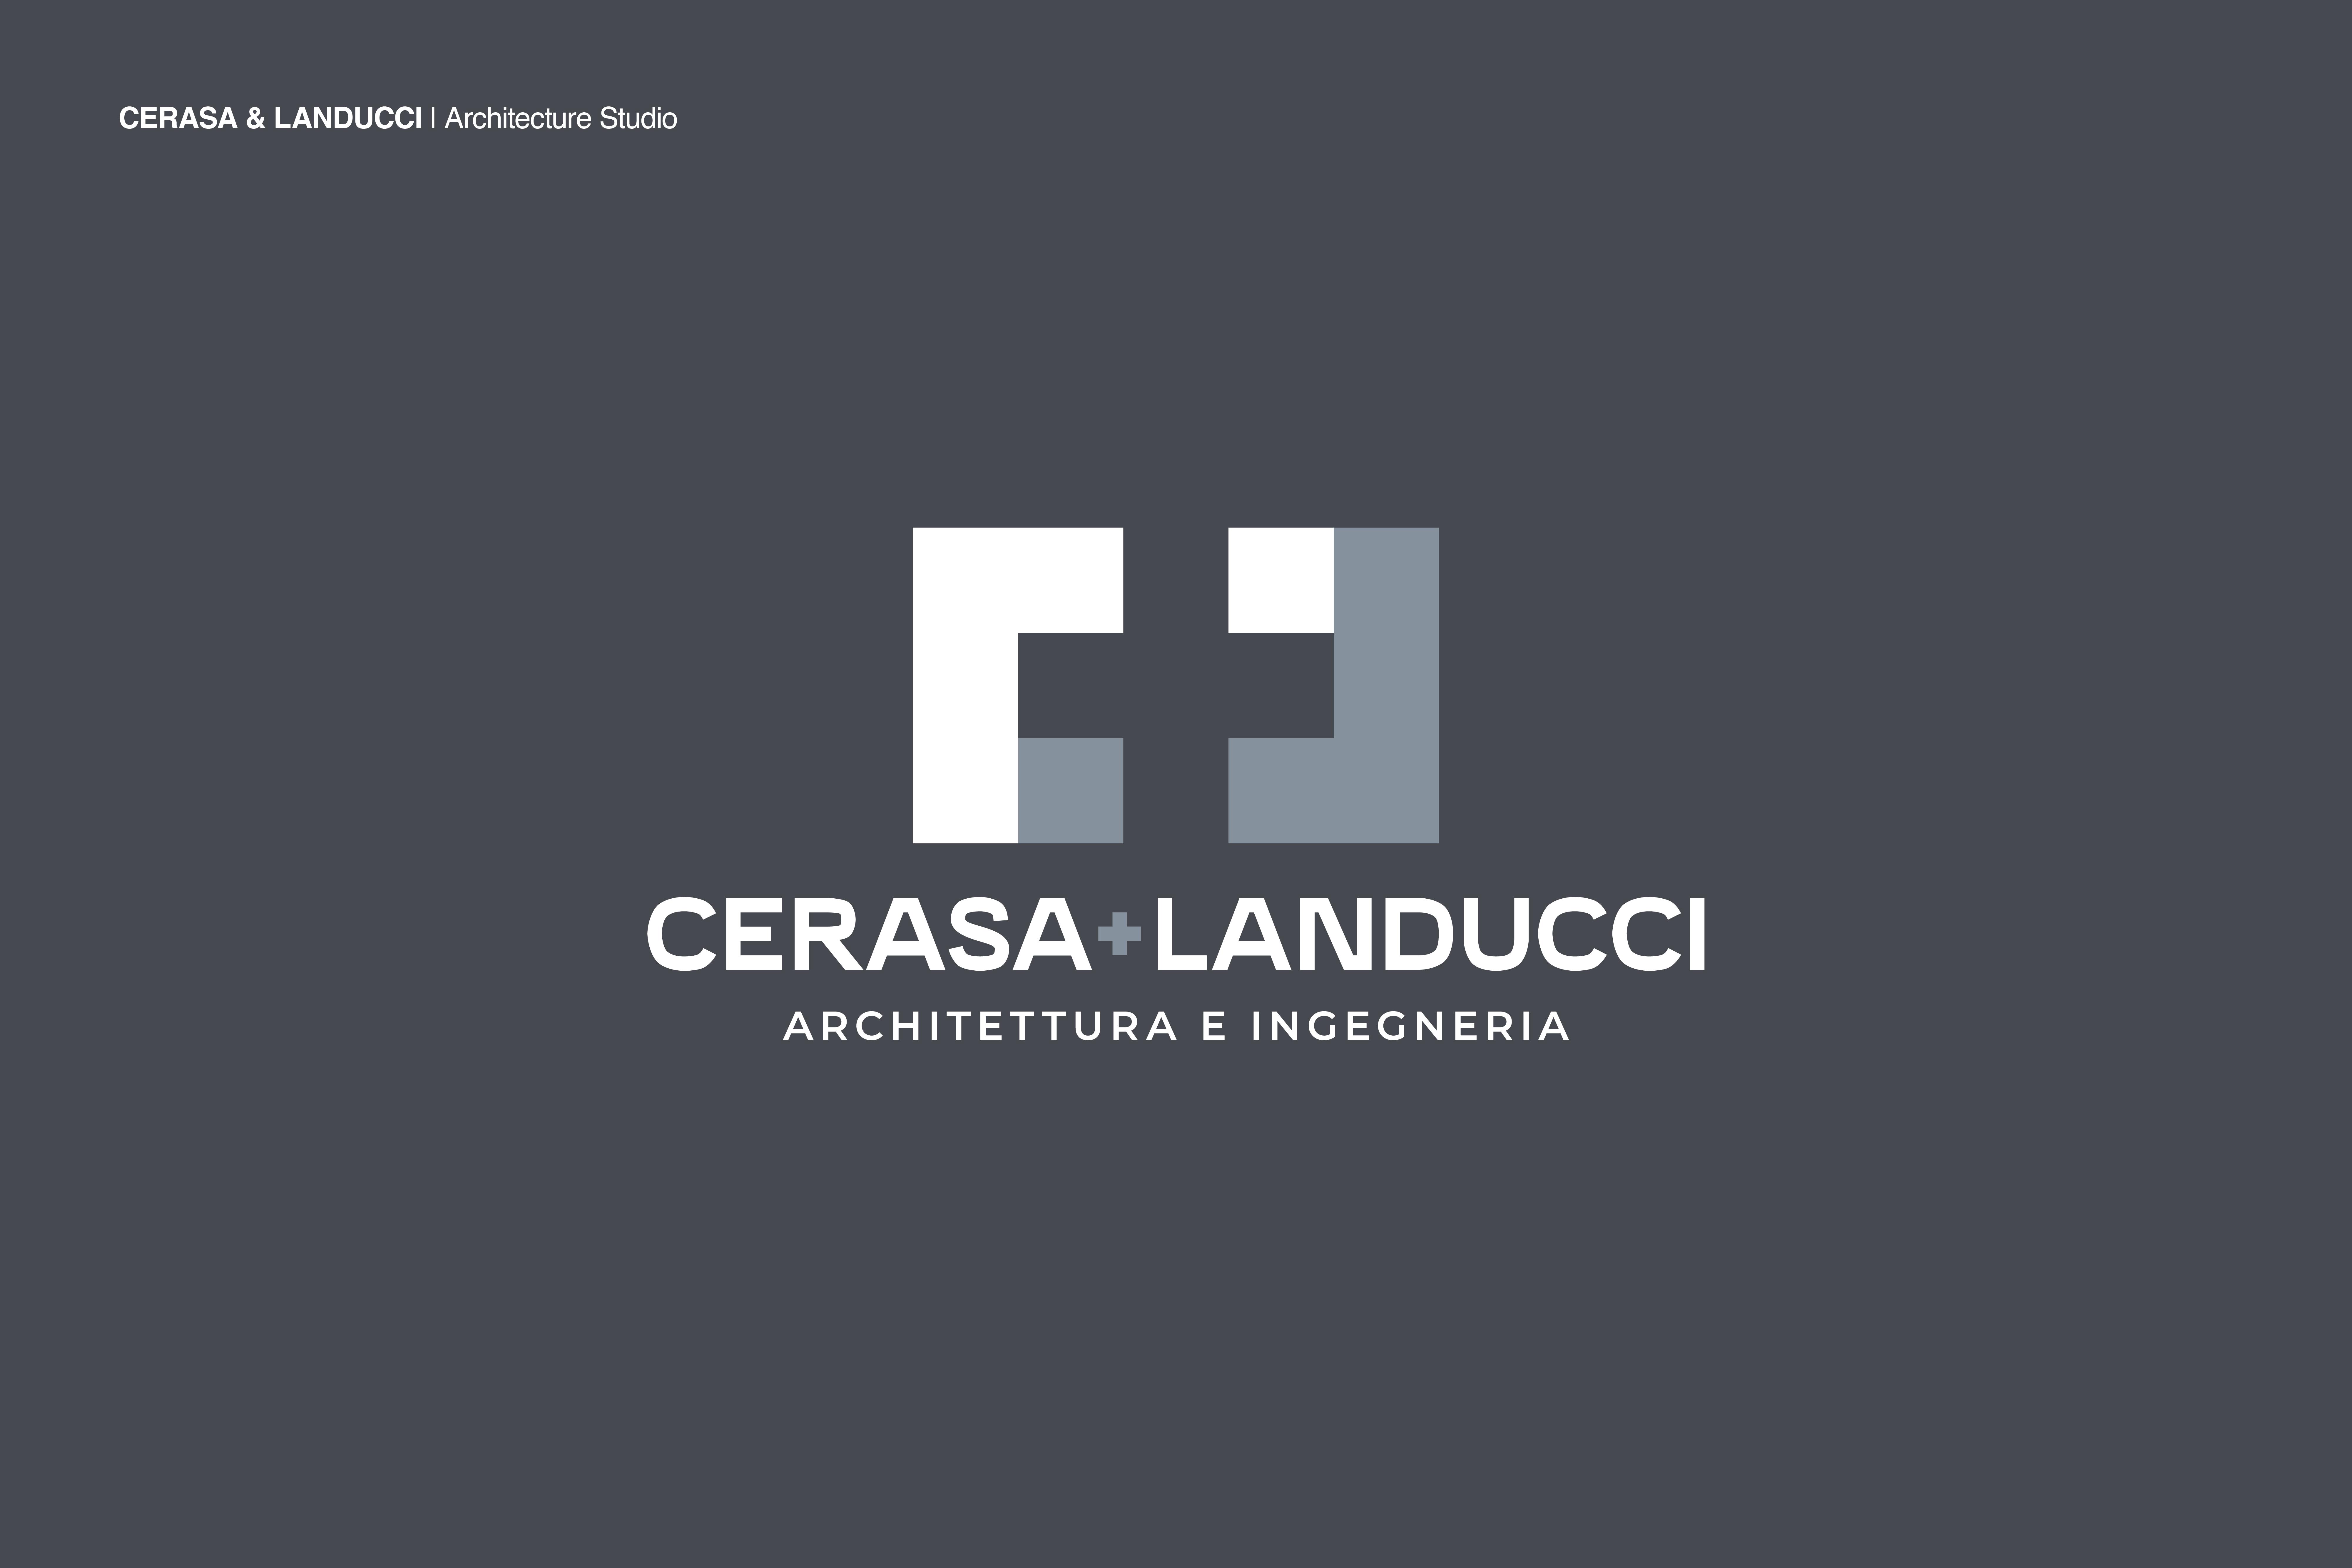 Logo Cerasa e Llanducci by Zerouno Design